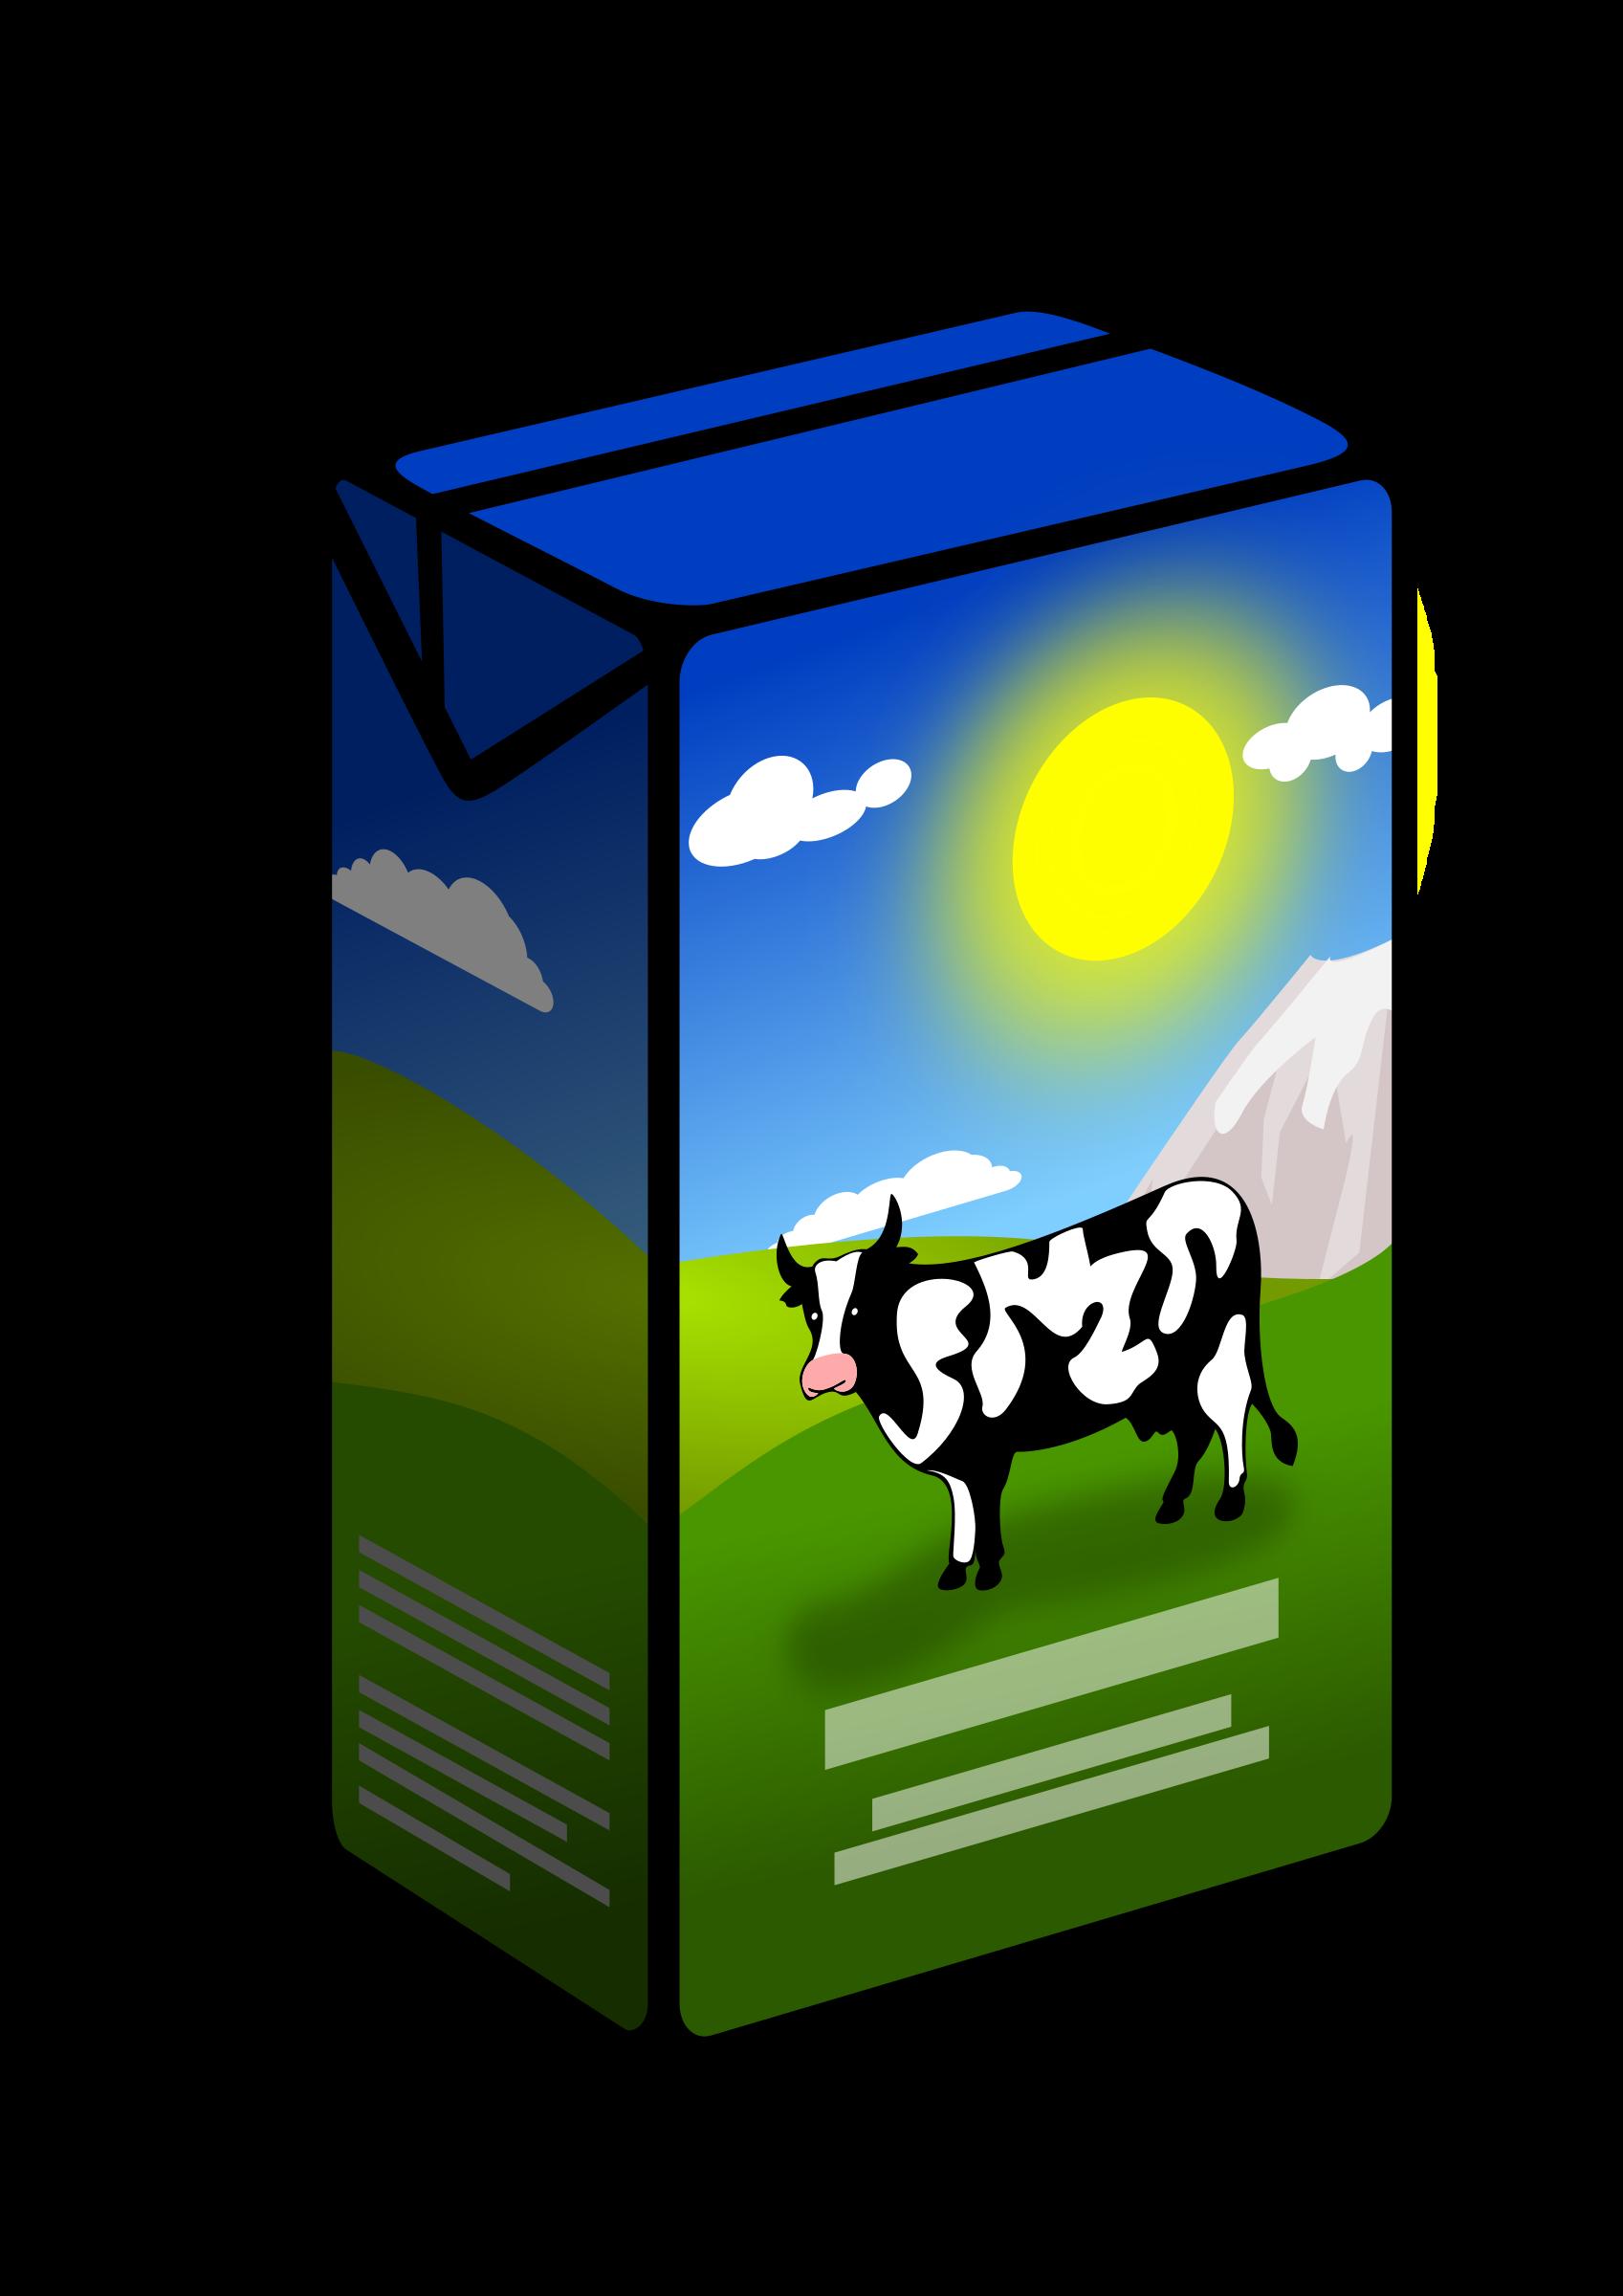 Carton big image png. Clipart milk quart milk